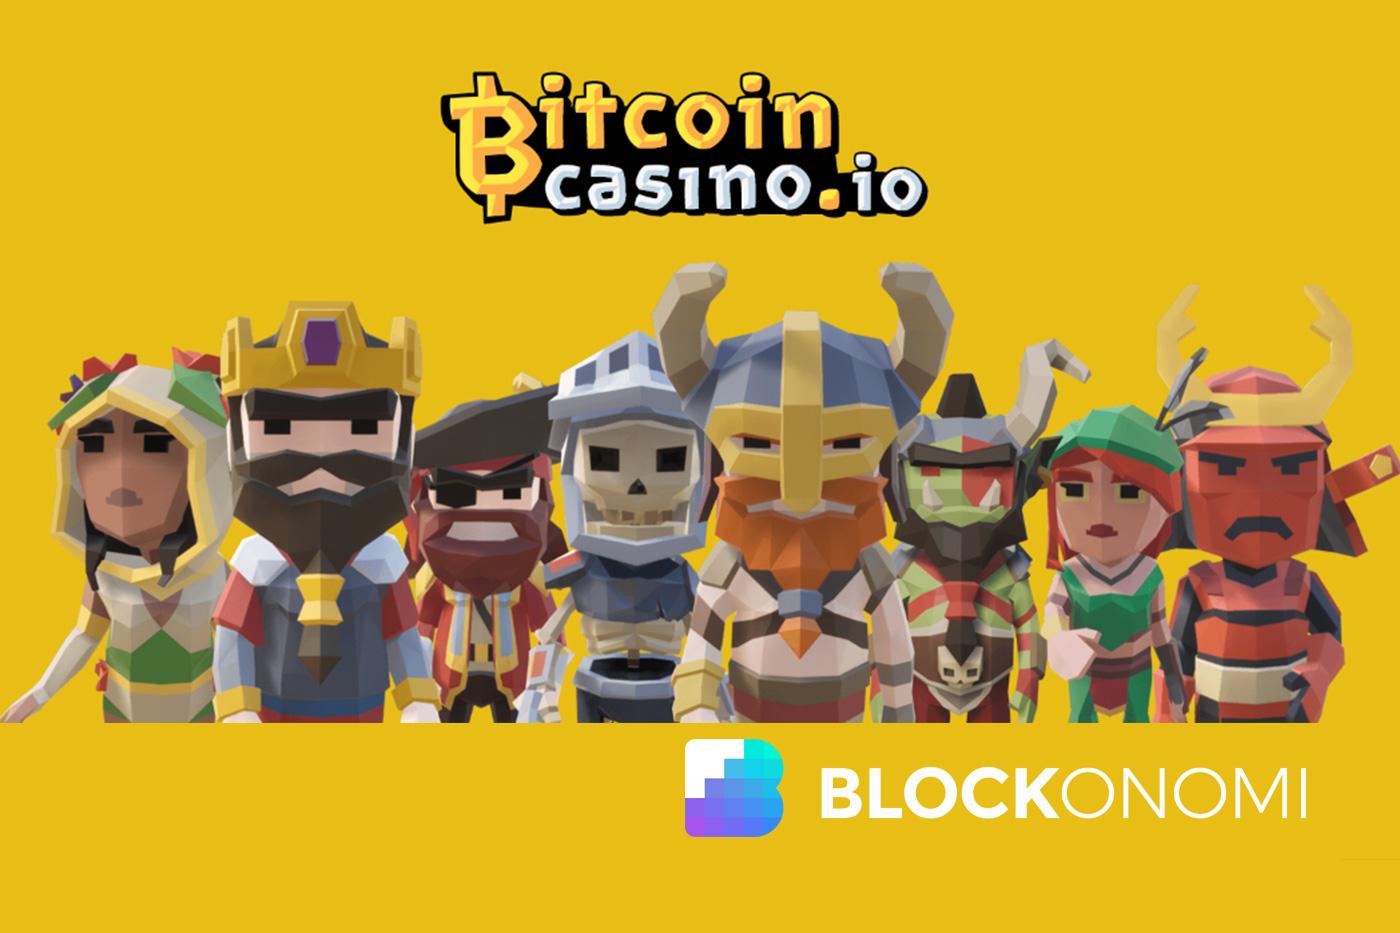 Plo on wsop online poker